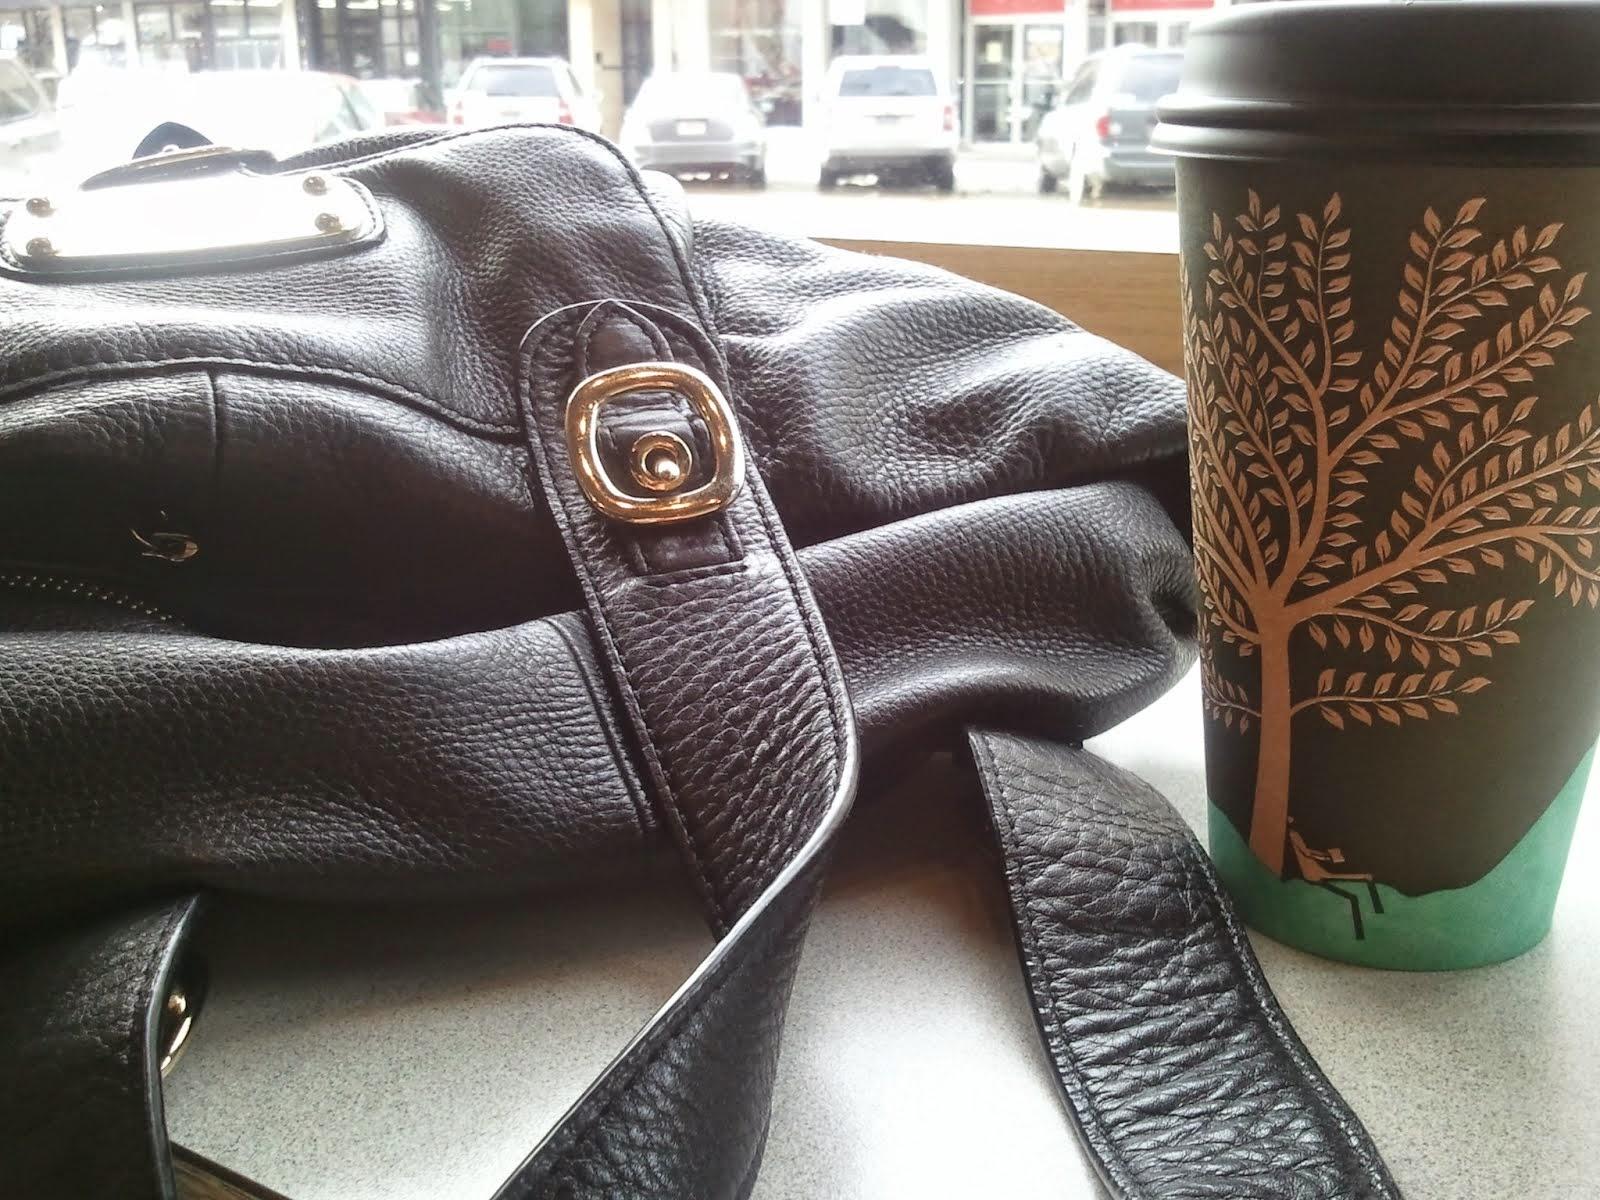 Kors & Koffee